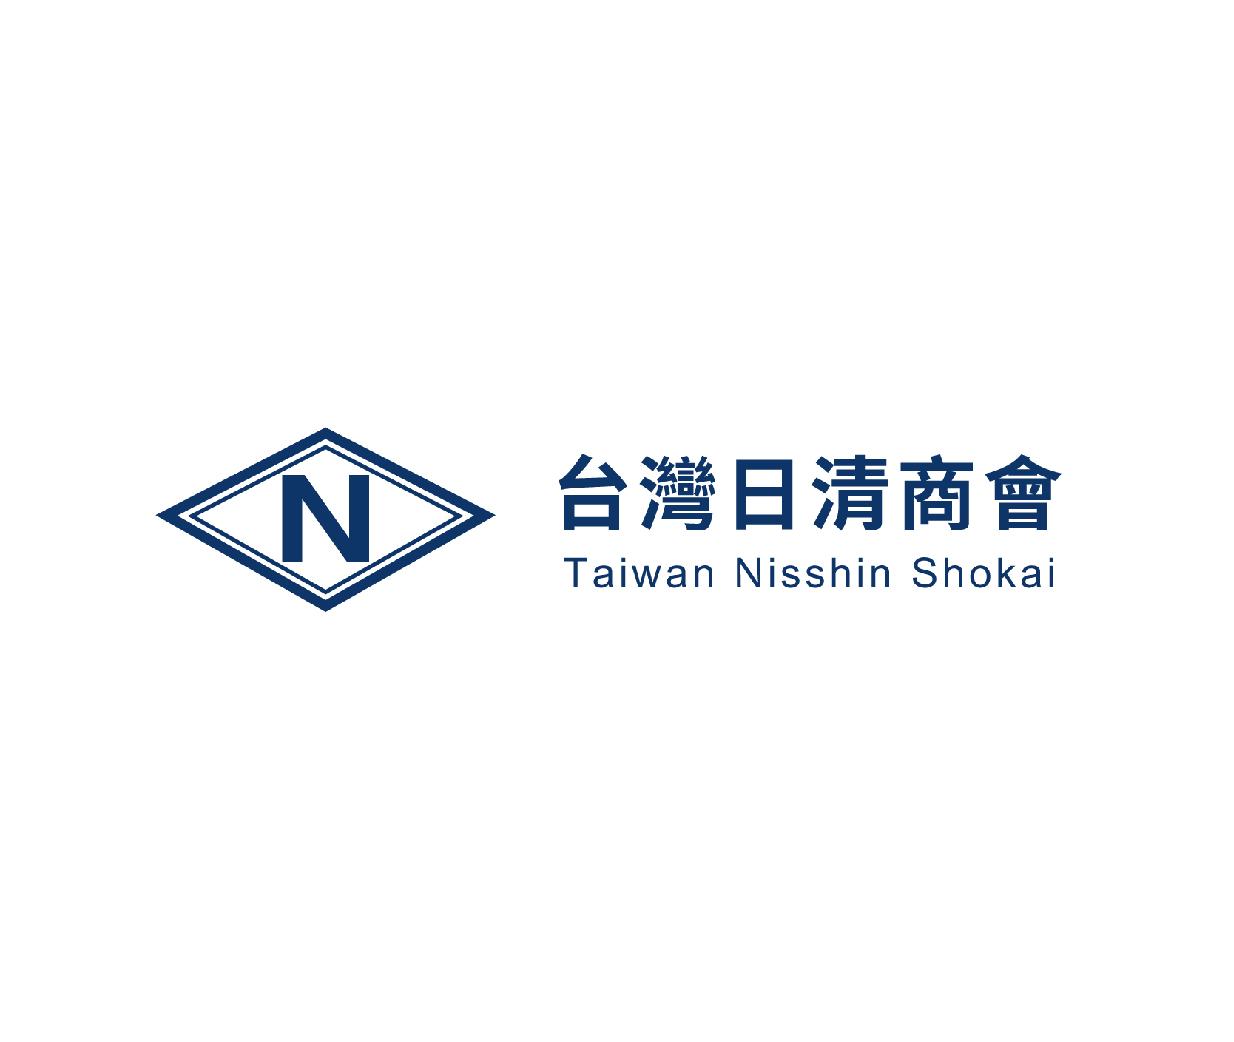 台灣日清商會股份有限公司